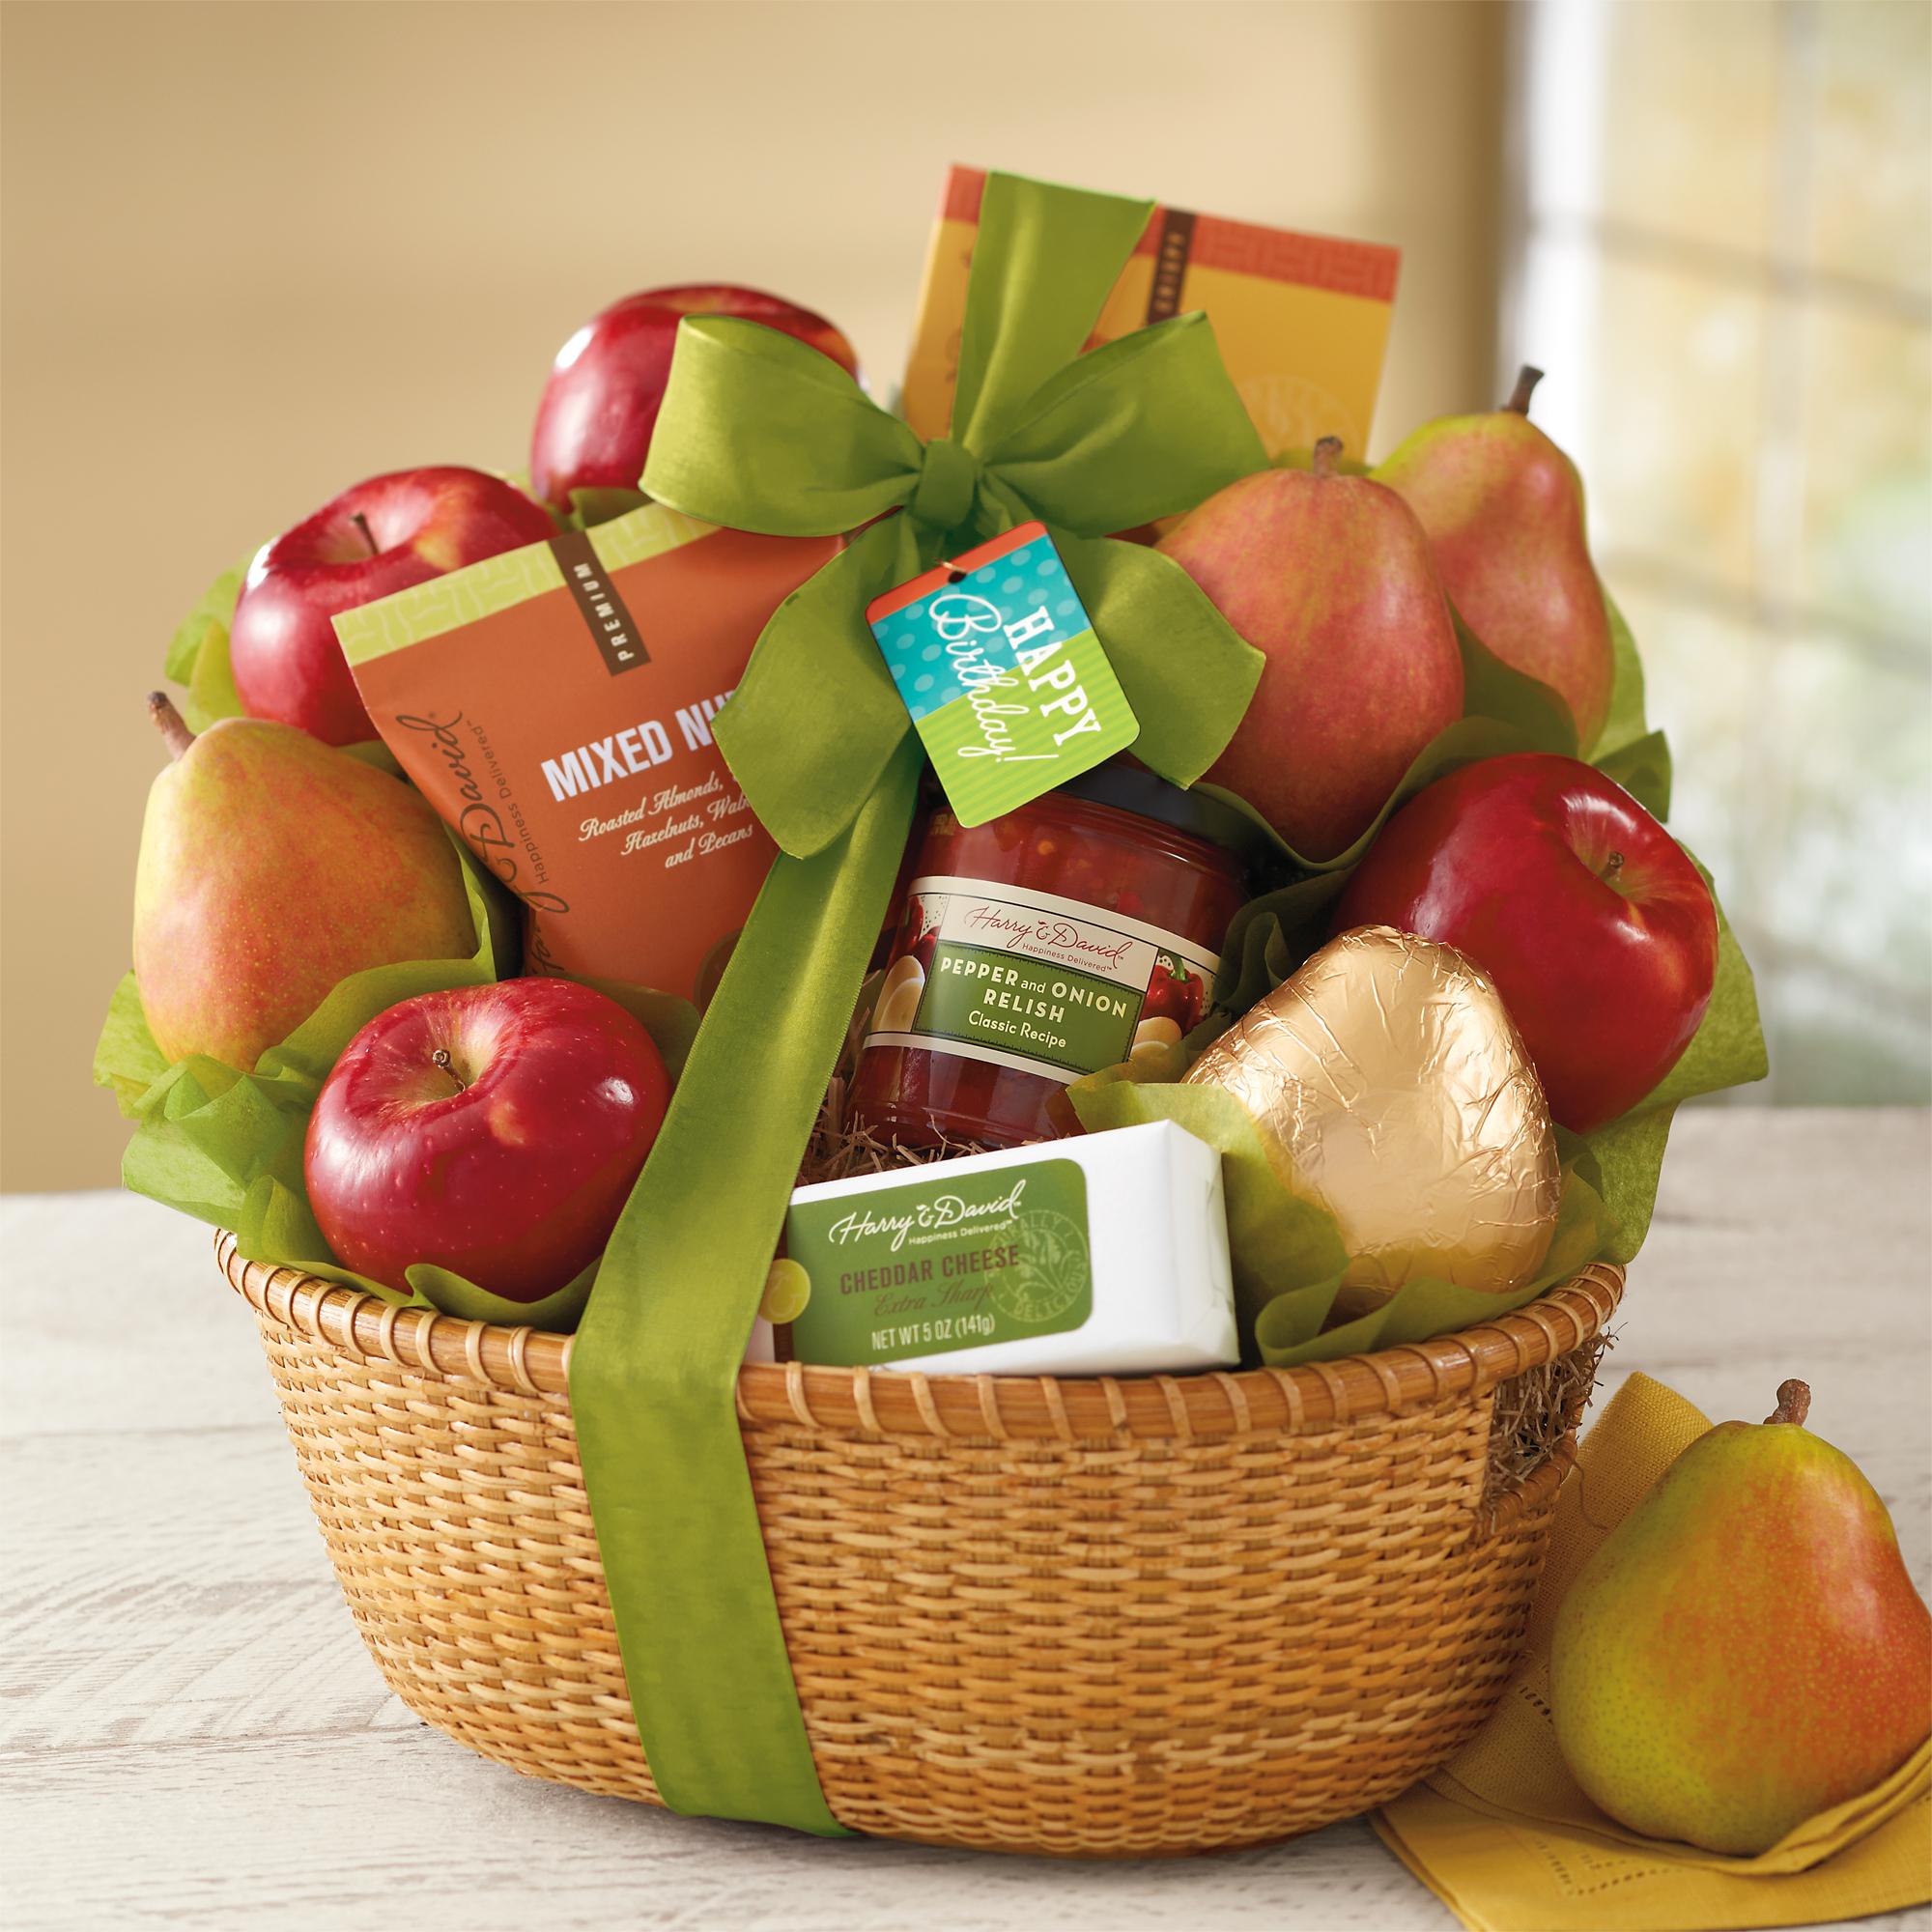 Harry And David Birthday Gift Baskets : Birthday gift basket happy baskets